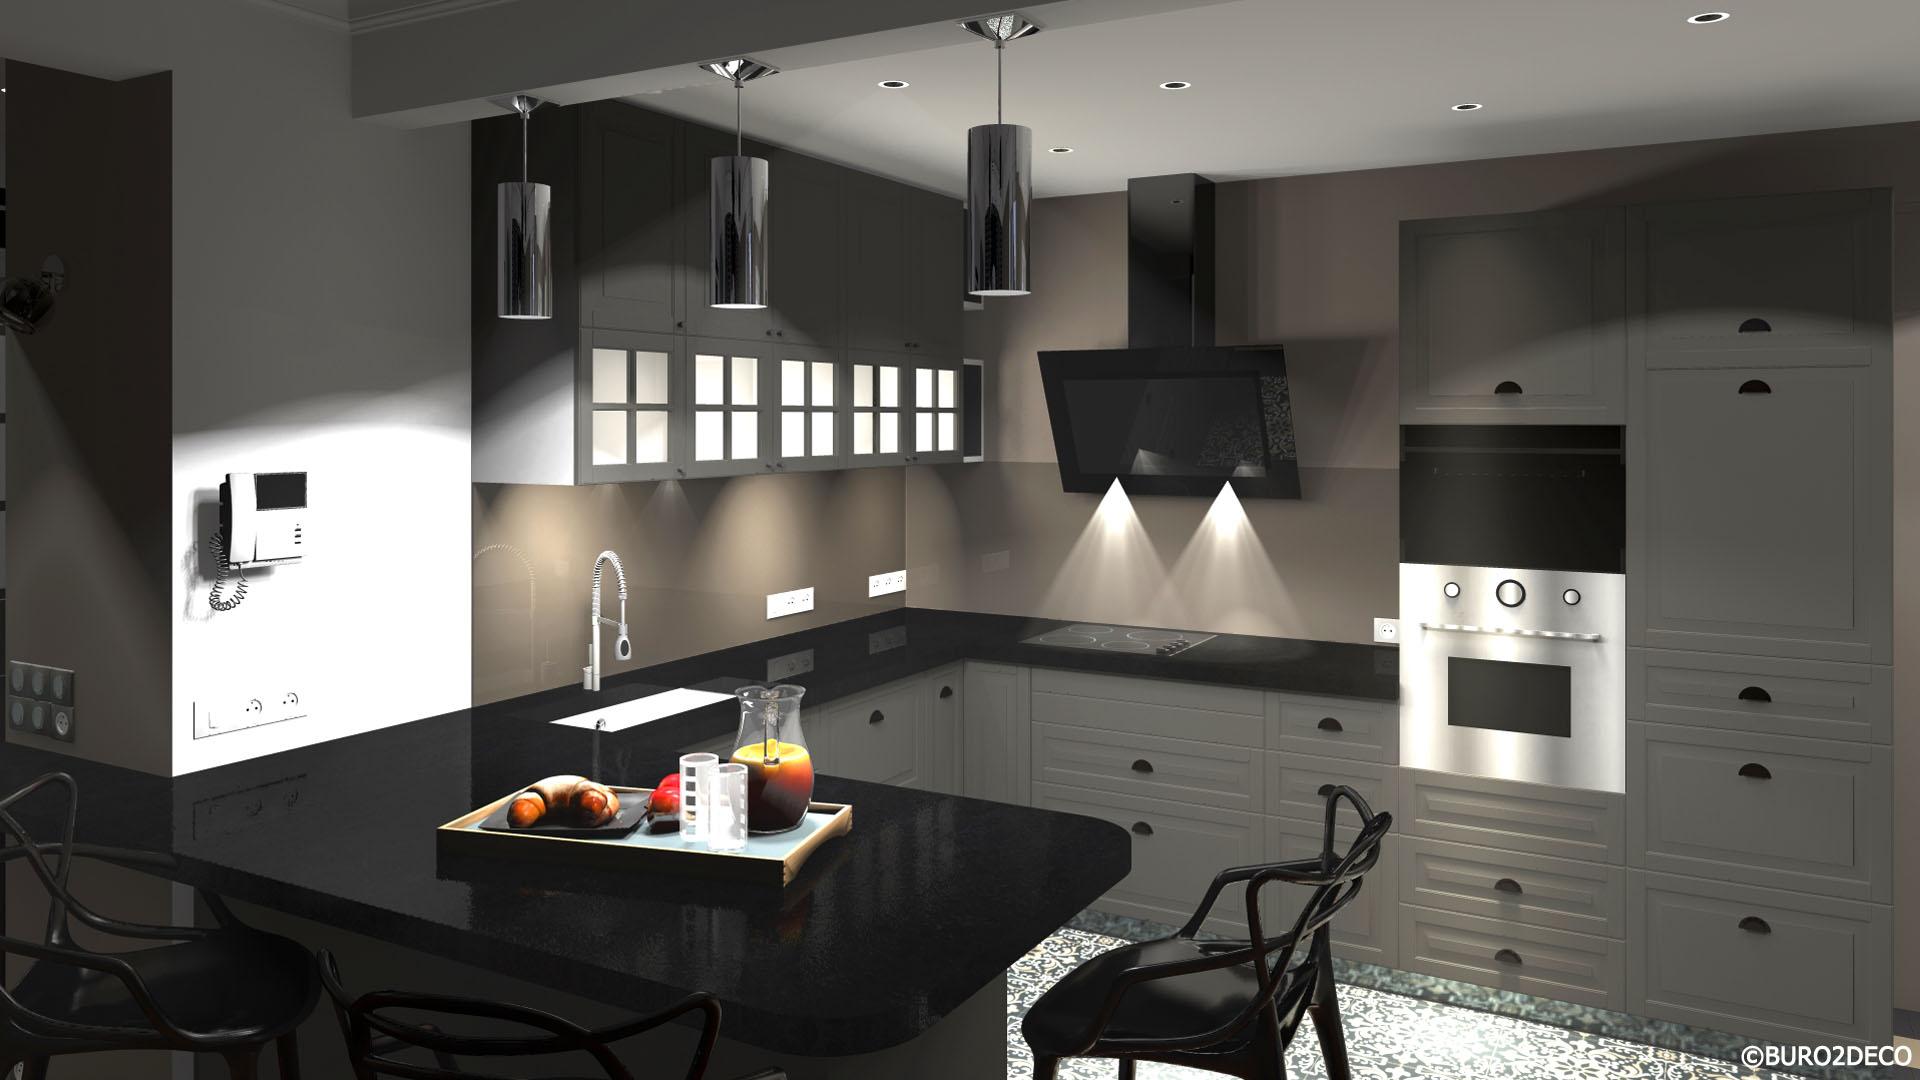 02 Image 3D- Cuisine noir et gris, carreaux de ciment crédence en verre laquée, Aménagement et décoration d'une cuisine ouverte dinatoire, meubles gris et plan de travail en granit patiné effet cuir à Paris - Buro2déco